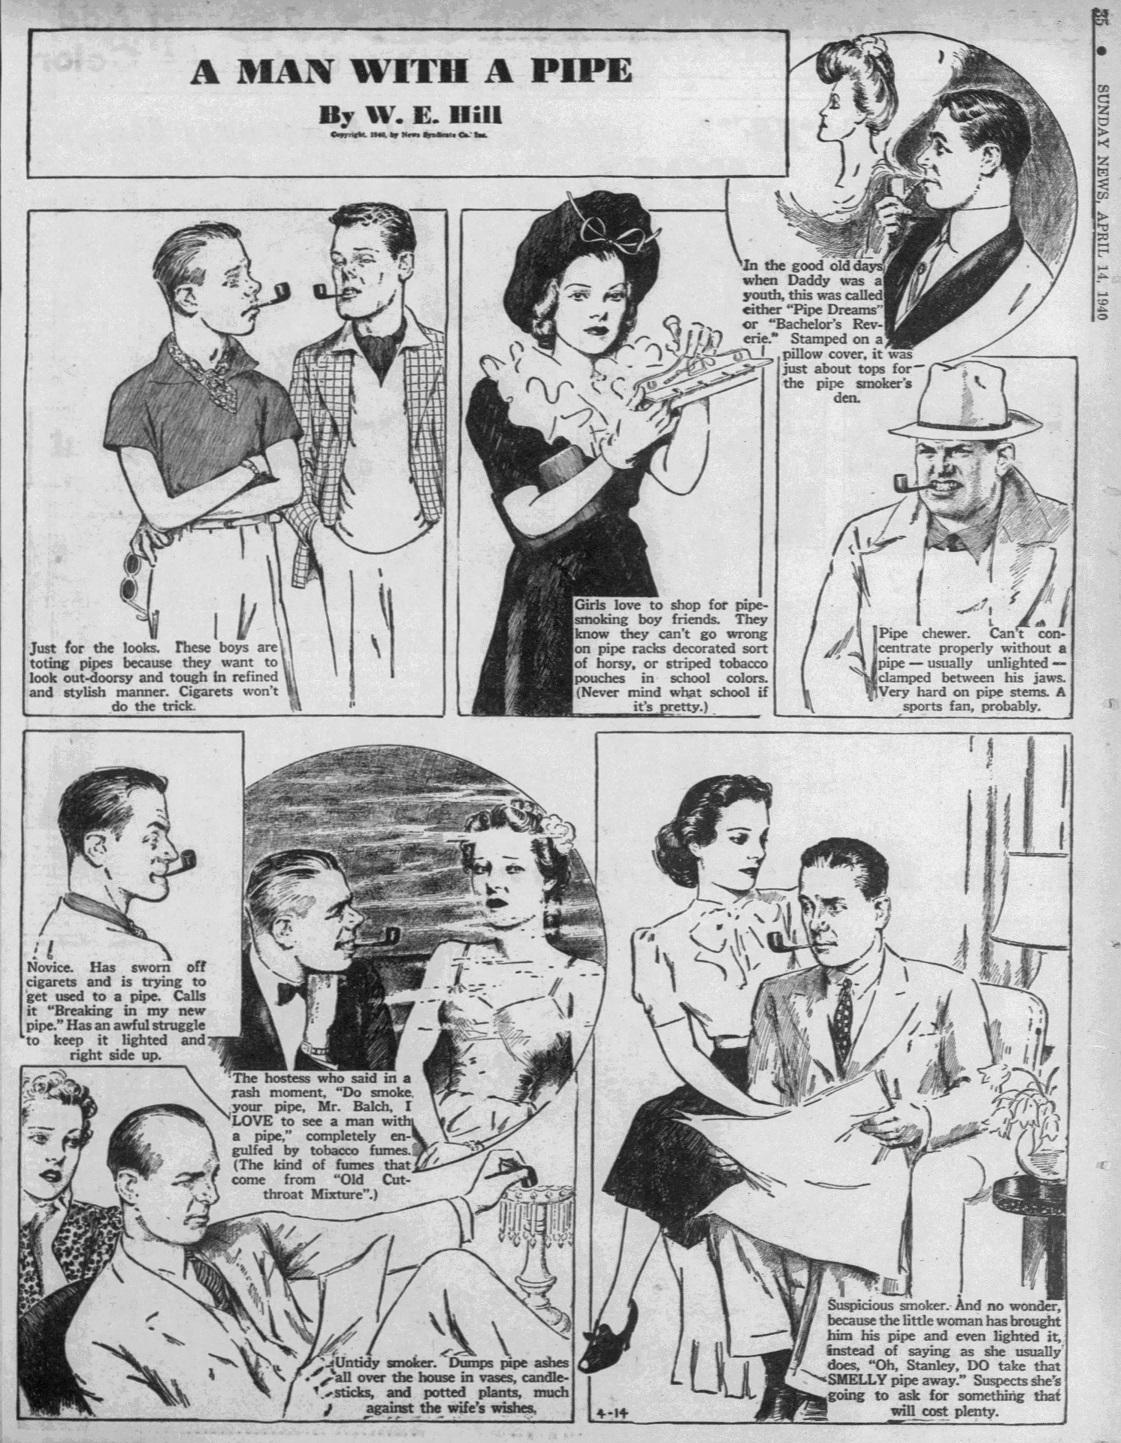 Daily_News_Sun__Apr_14__1940_(2).jpg